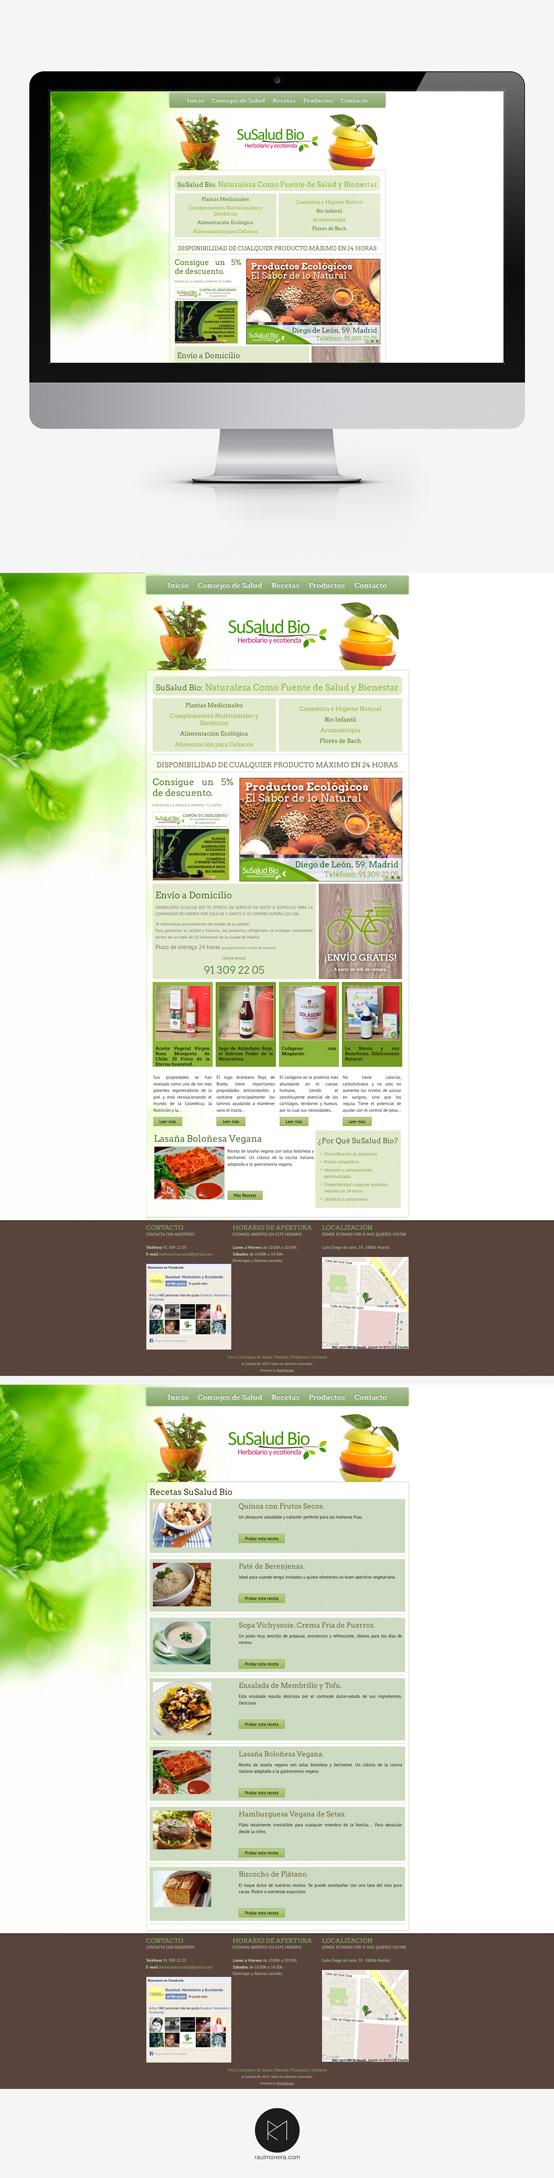 herbolariosusalud.com - web